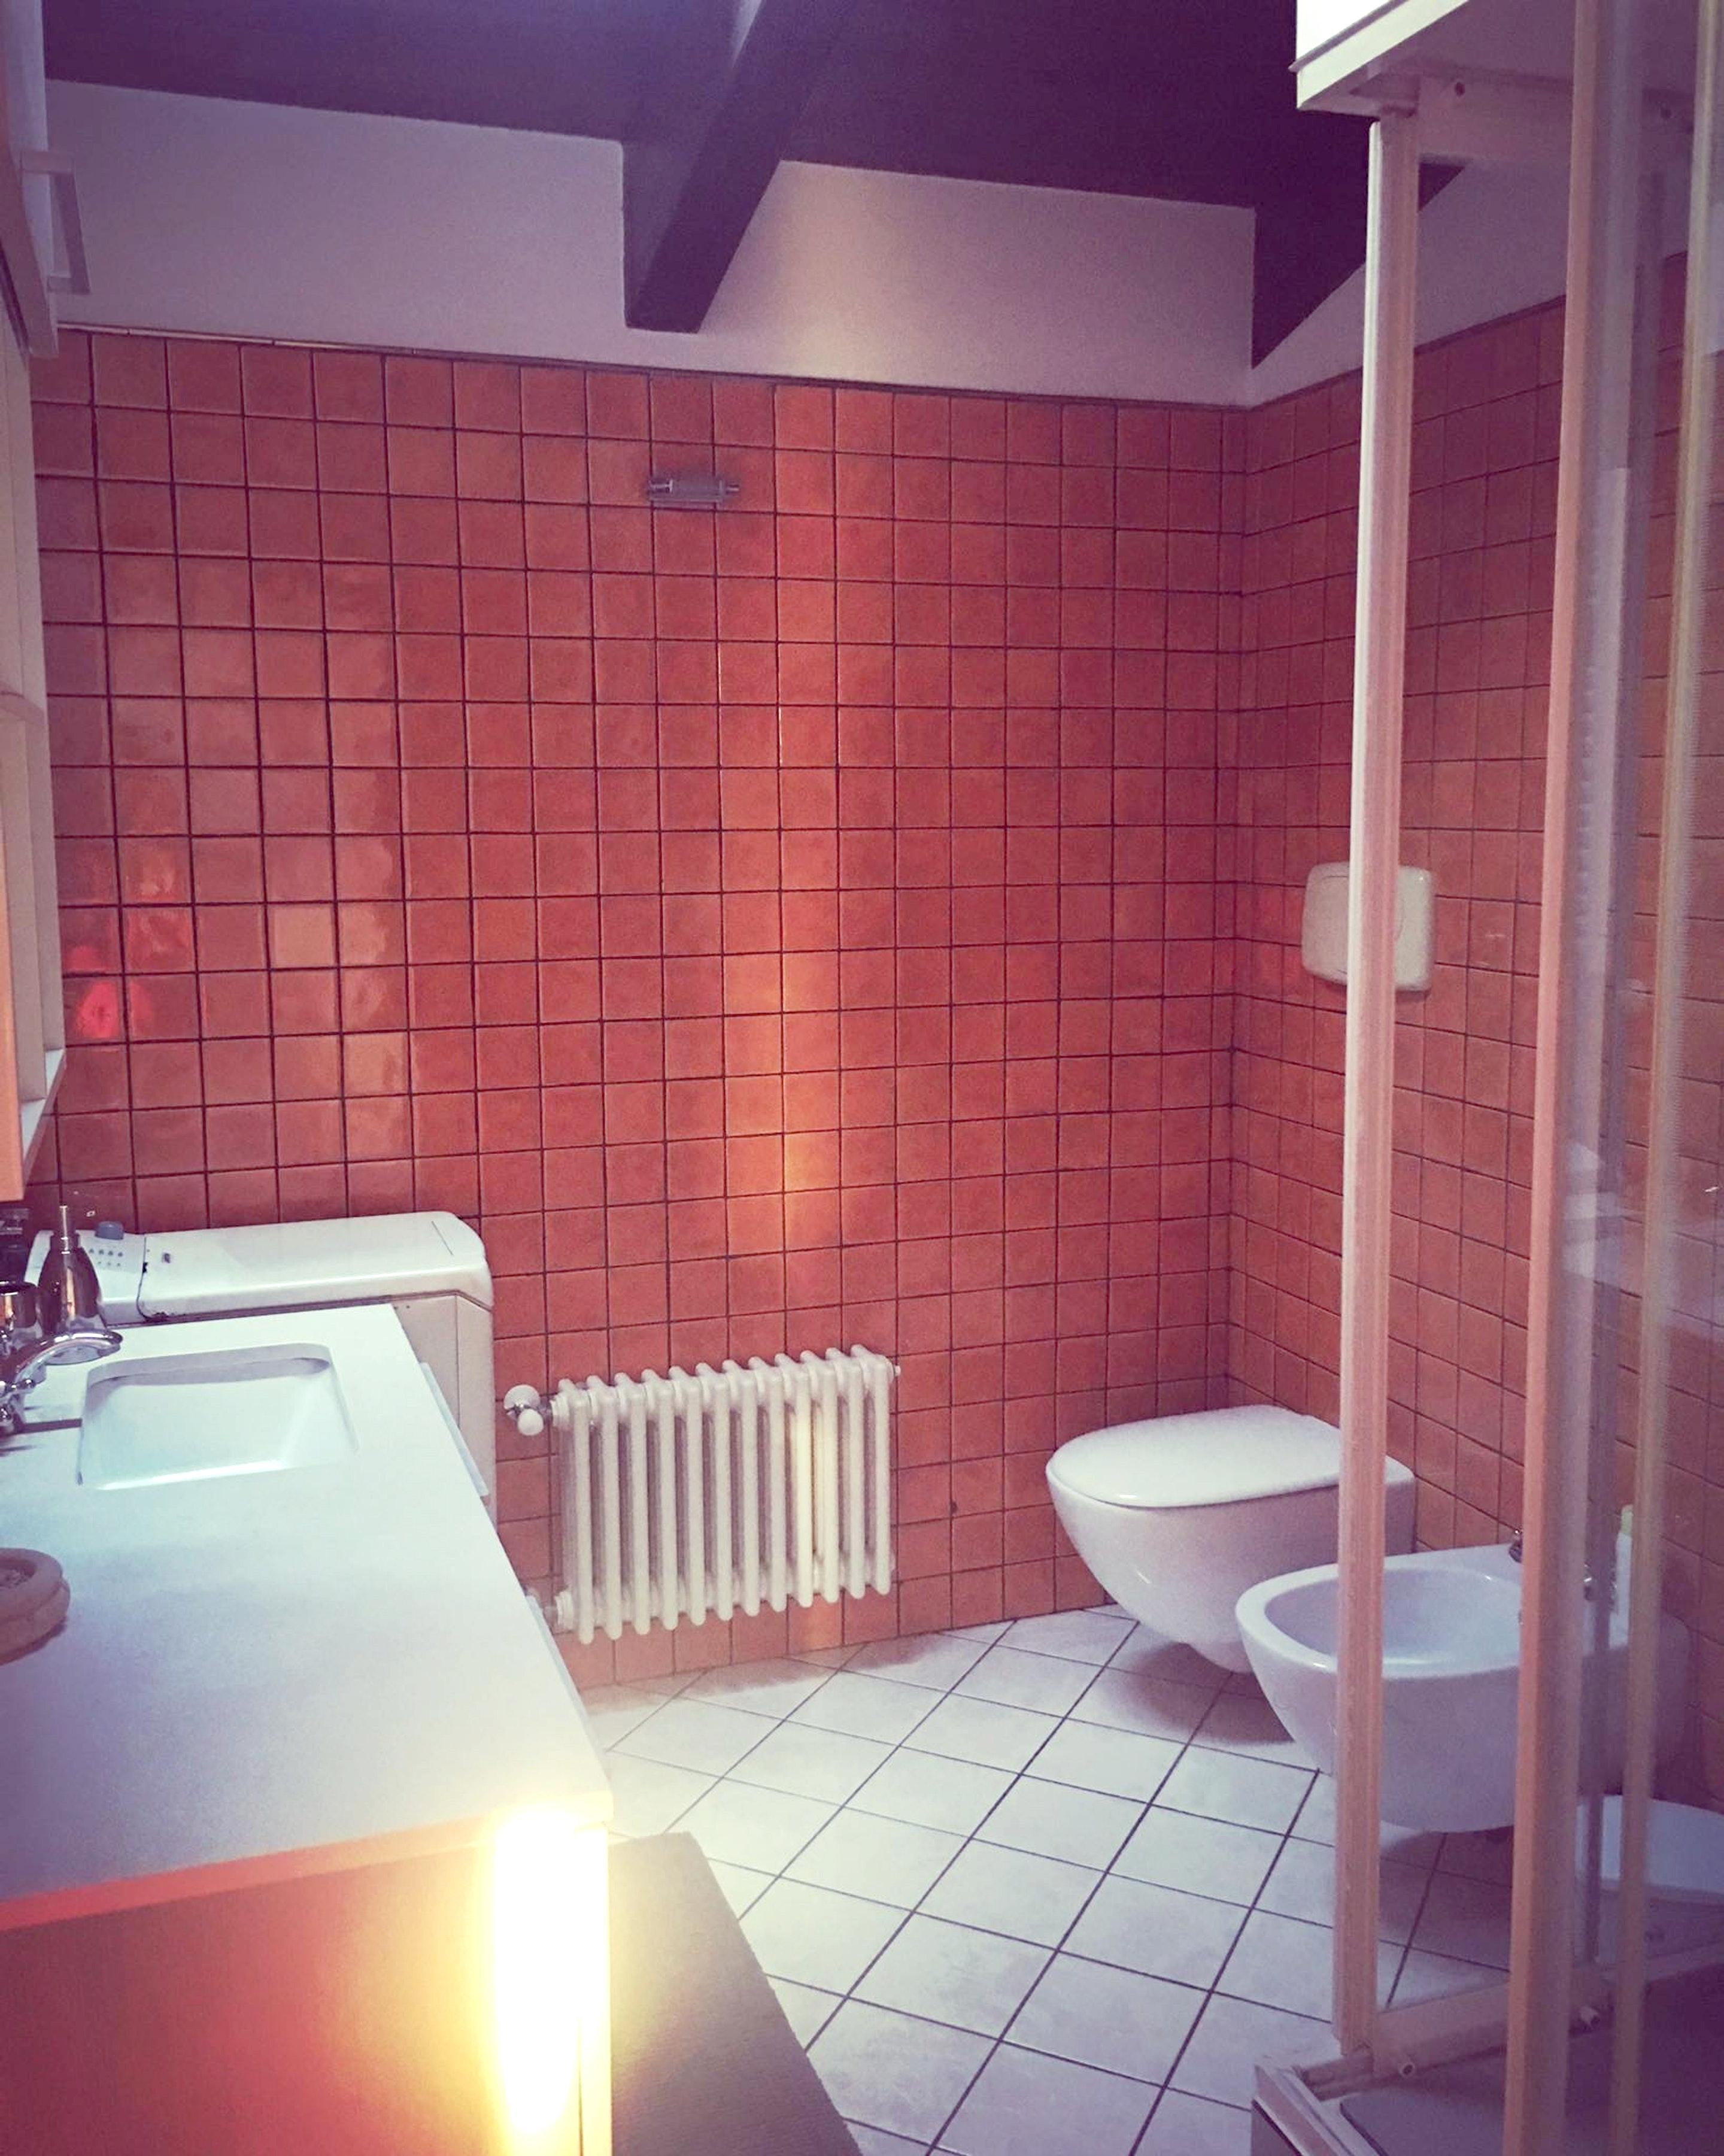 Ferienhaus Haus mit 2 Schlafzimmern in Salerno mit möblierter Terrasse und W-LAN (2644279), Salerno, Salerno, Kampanien, Italien, Bild 13